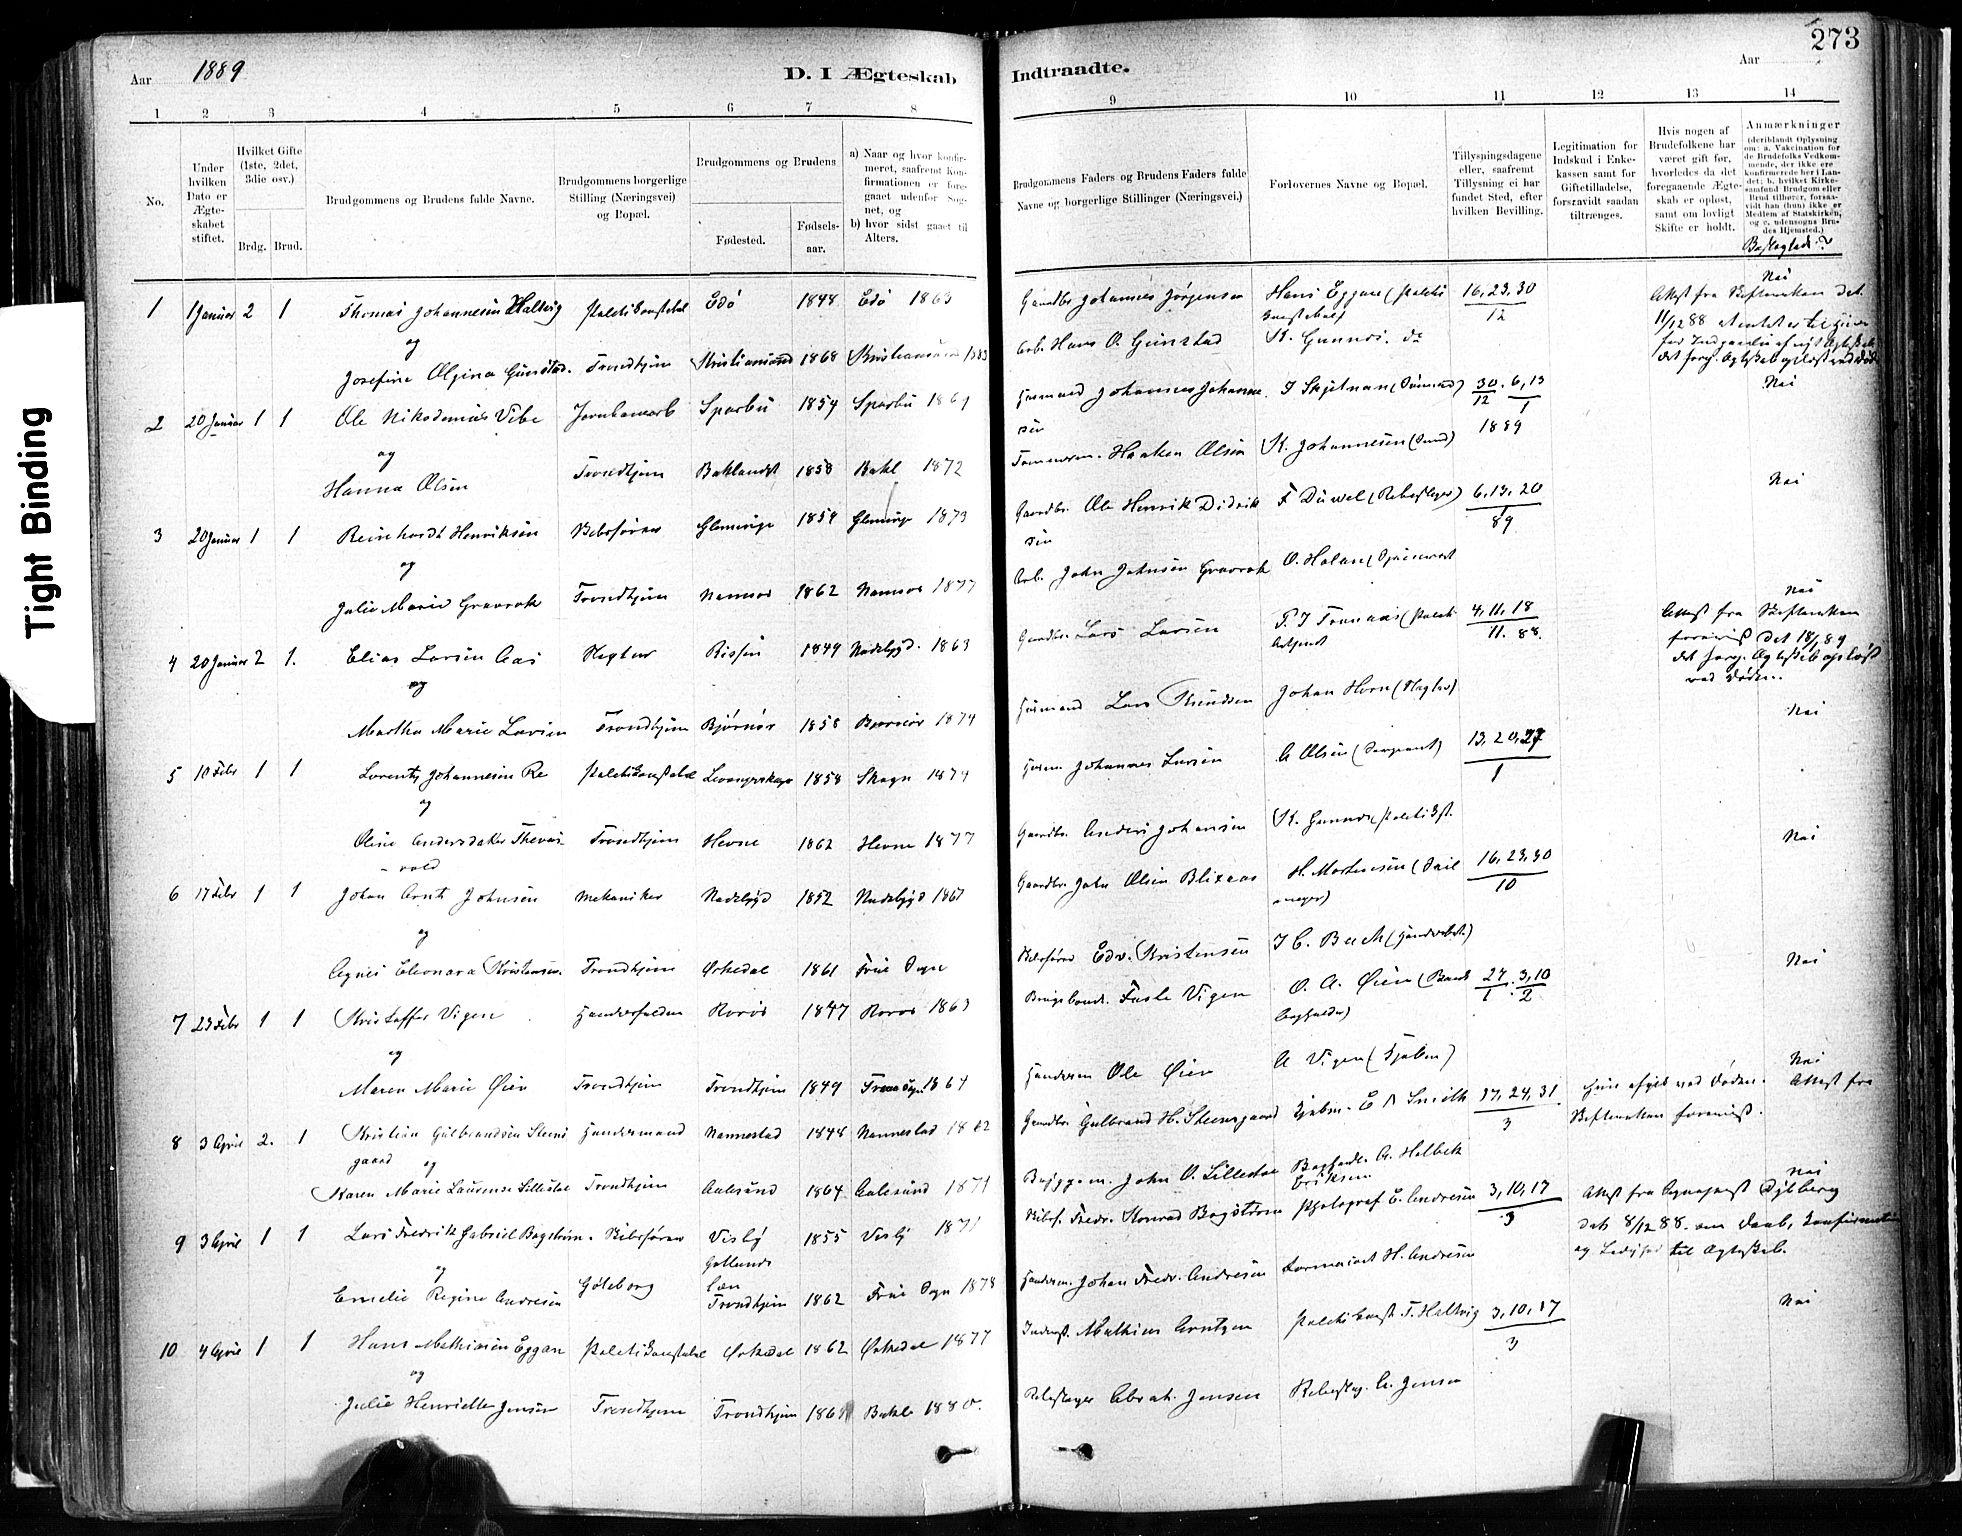 SAT, Ministerialprotokoller, klokkerbøker og fødselsregistre - Sør-Trøndelag, 602/L0119: Ministerialbok nr. 602A17, 1880-1901, s. 273